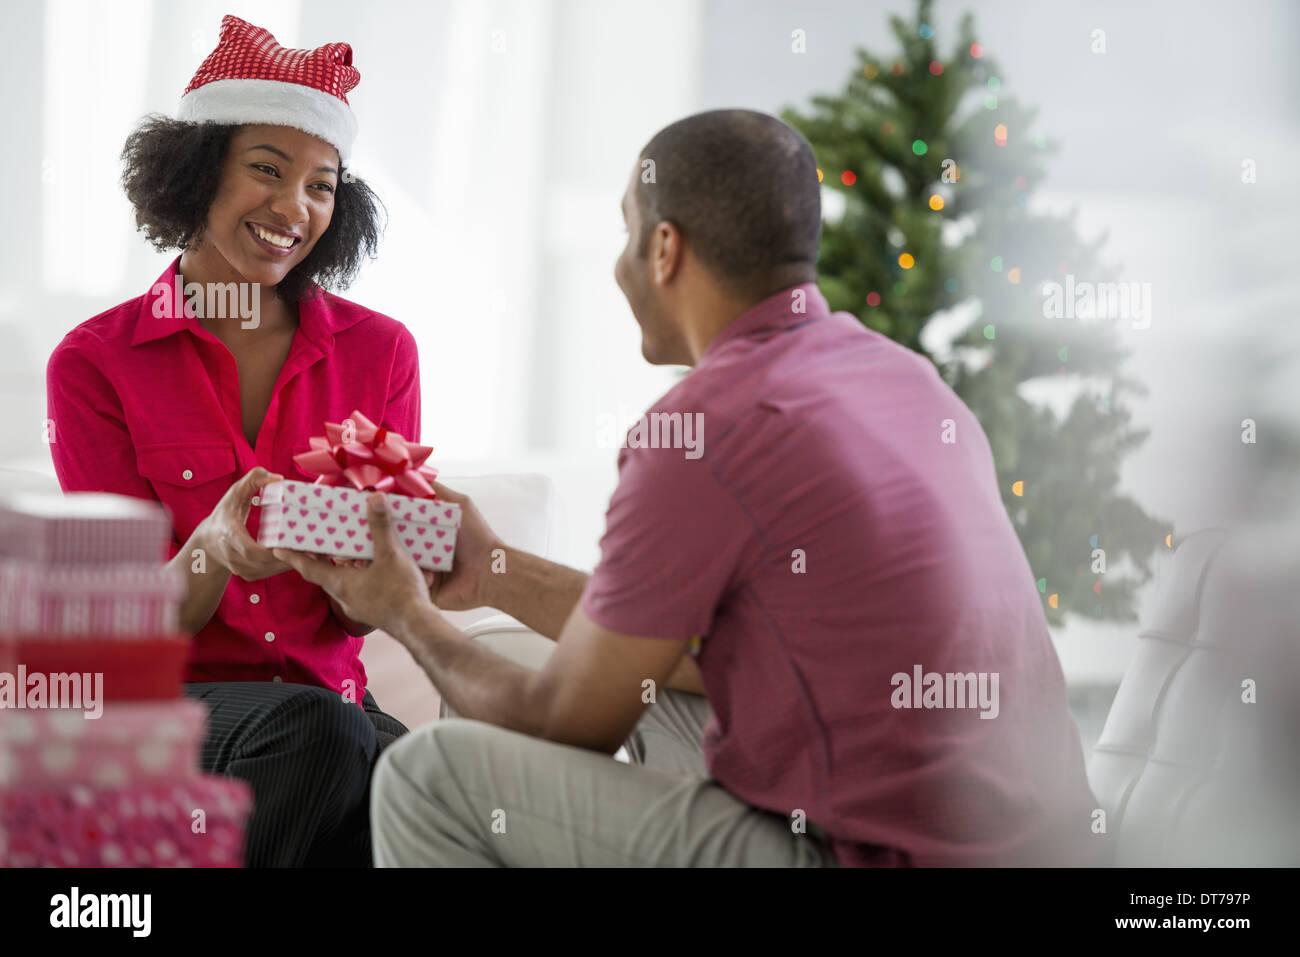 Una mujer vistiendo un Papá Noel rojo y blanco sombrero. En casa. Un árbol de Navidad decorado. Imagen De Stock